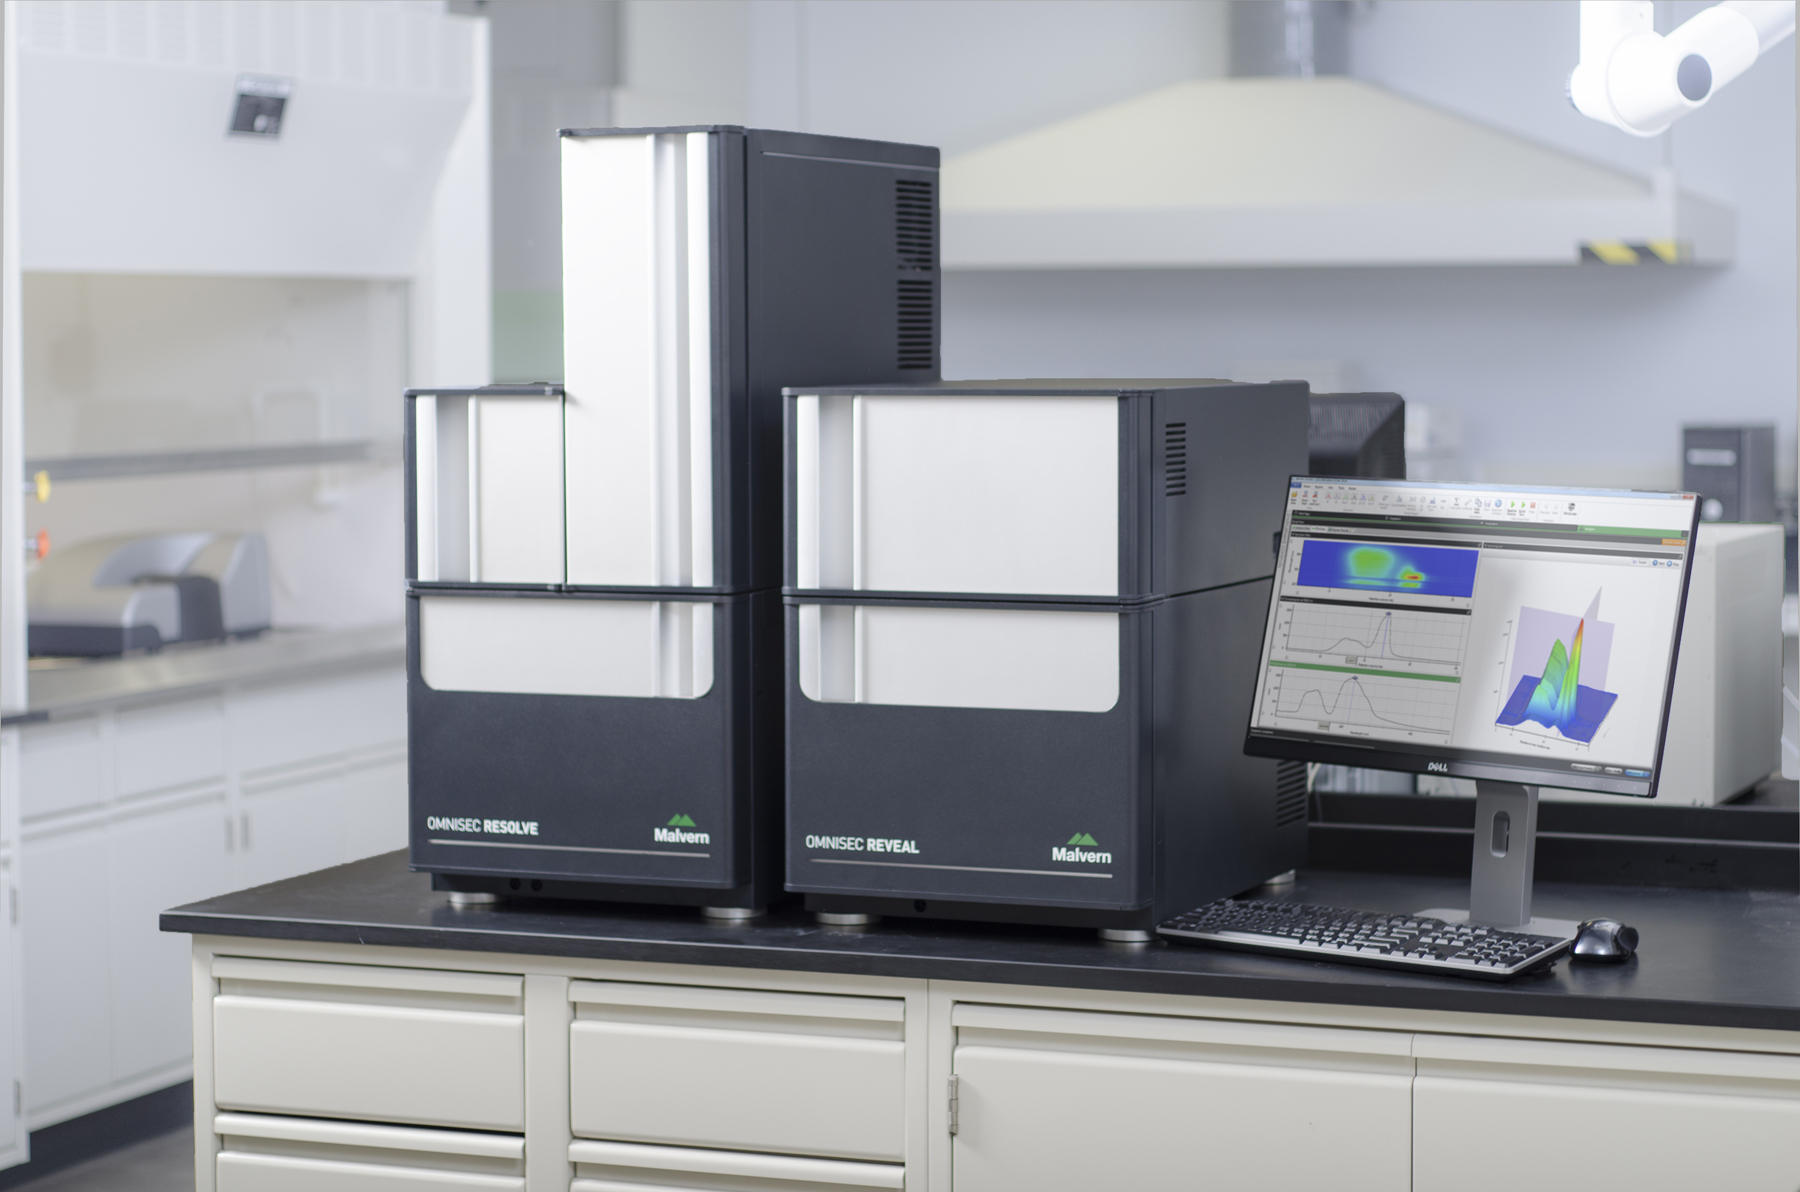 Chromatographie GPC/SEC de Viscotek